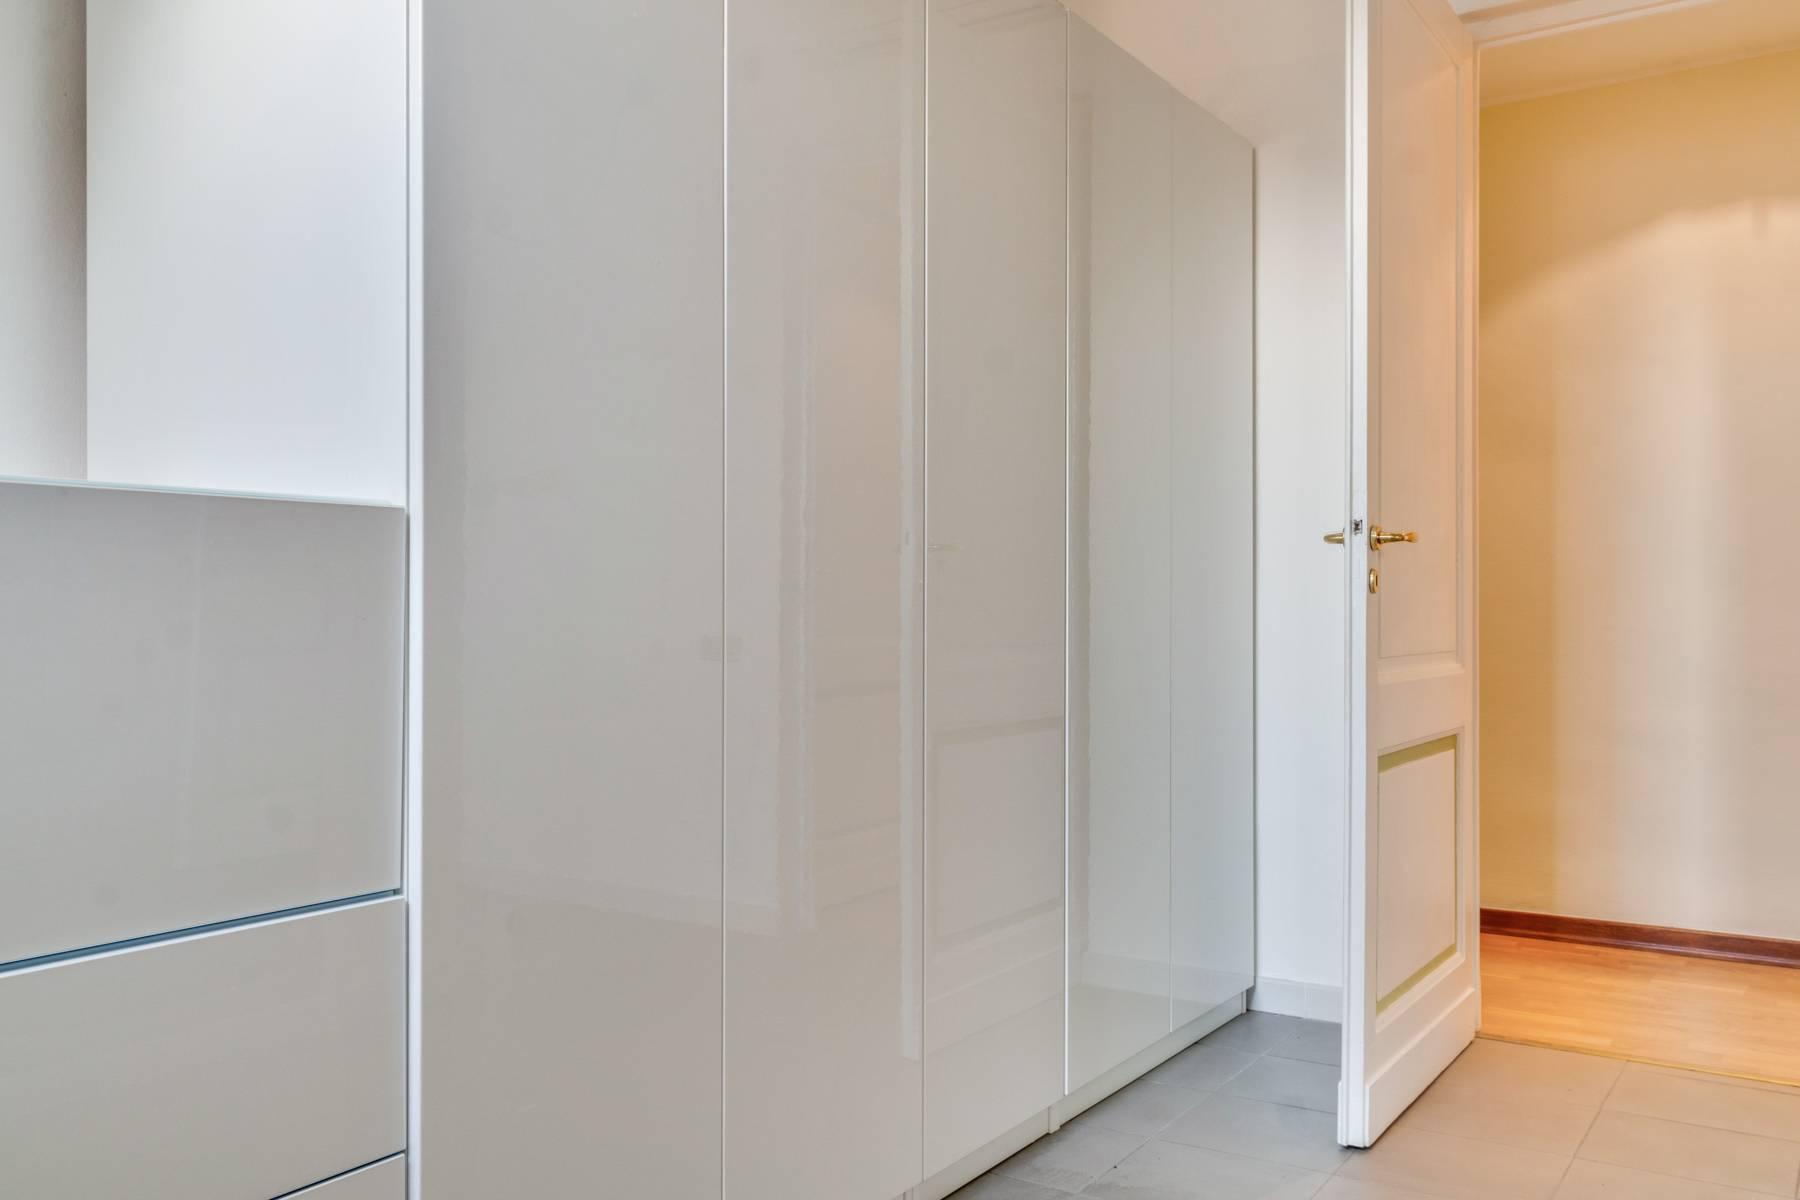 Appartamento in Vendita a Torino: 3 locali, 100 mq - Foto 16